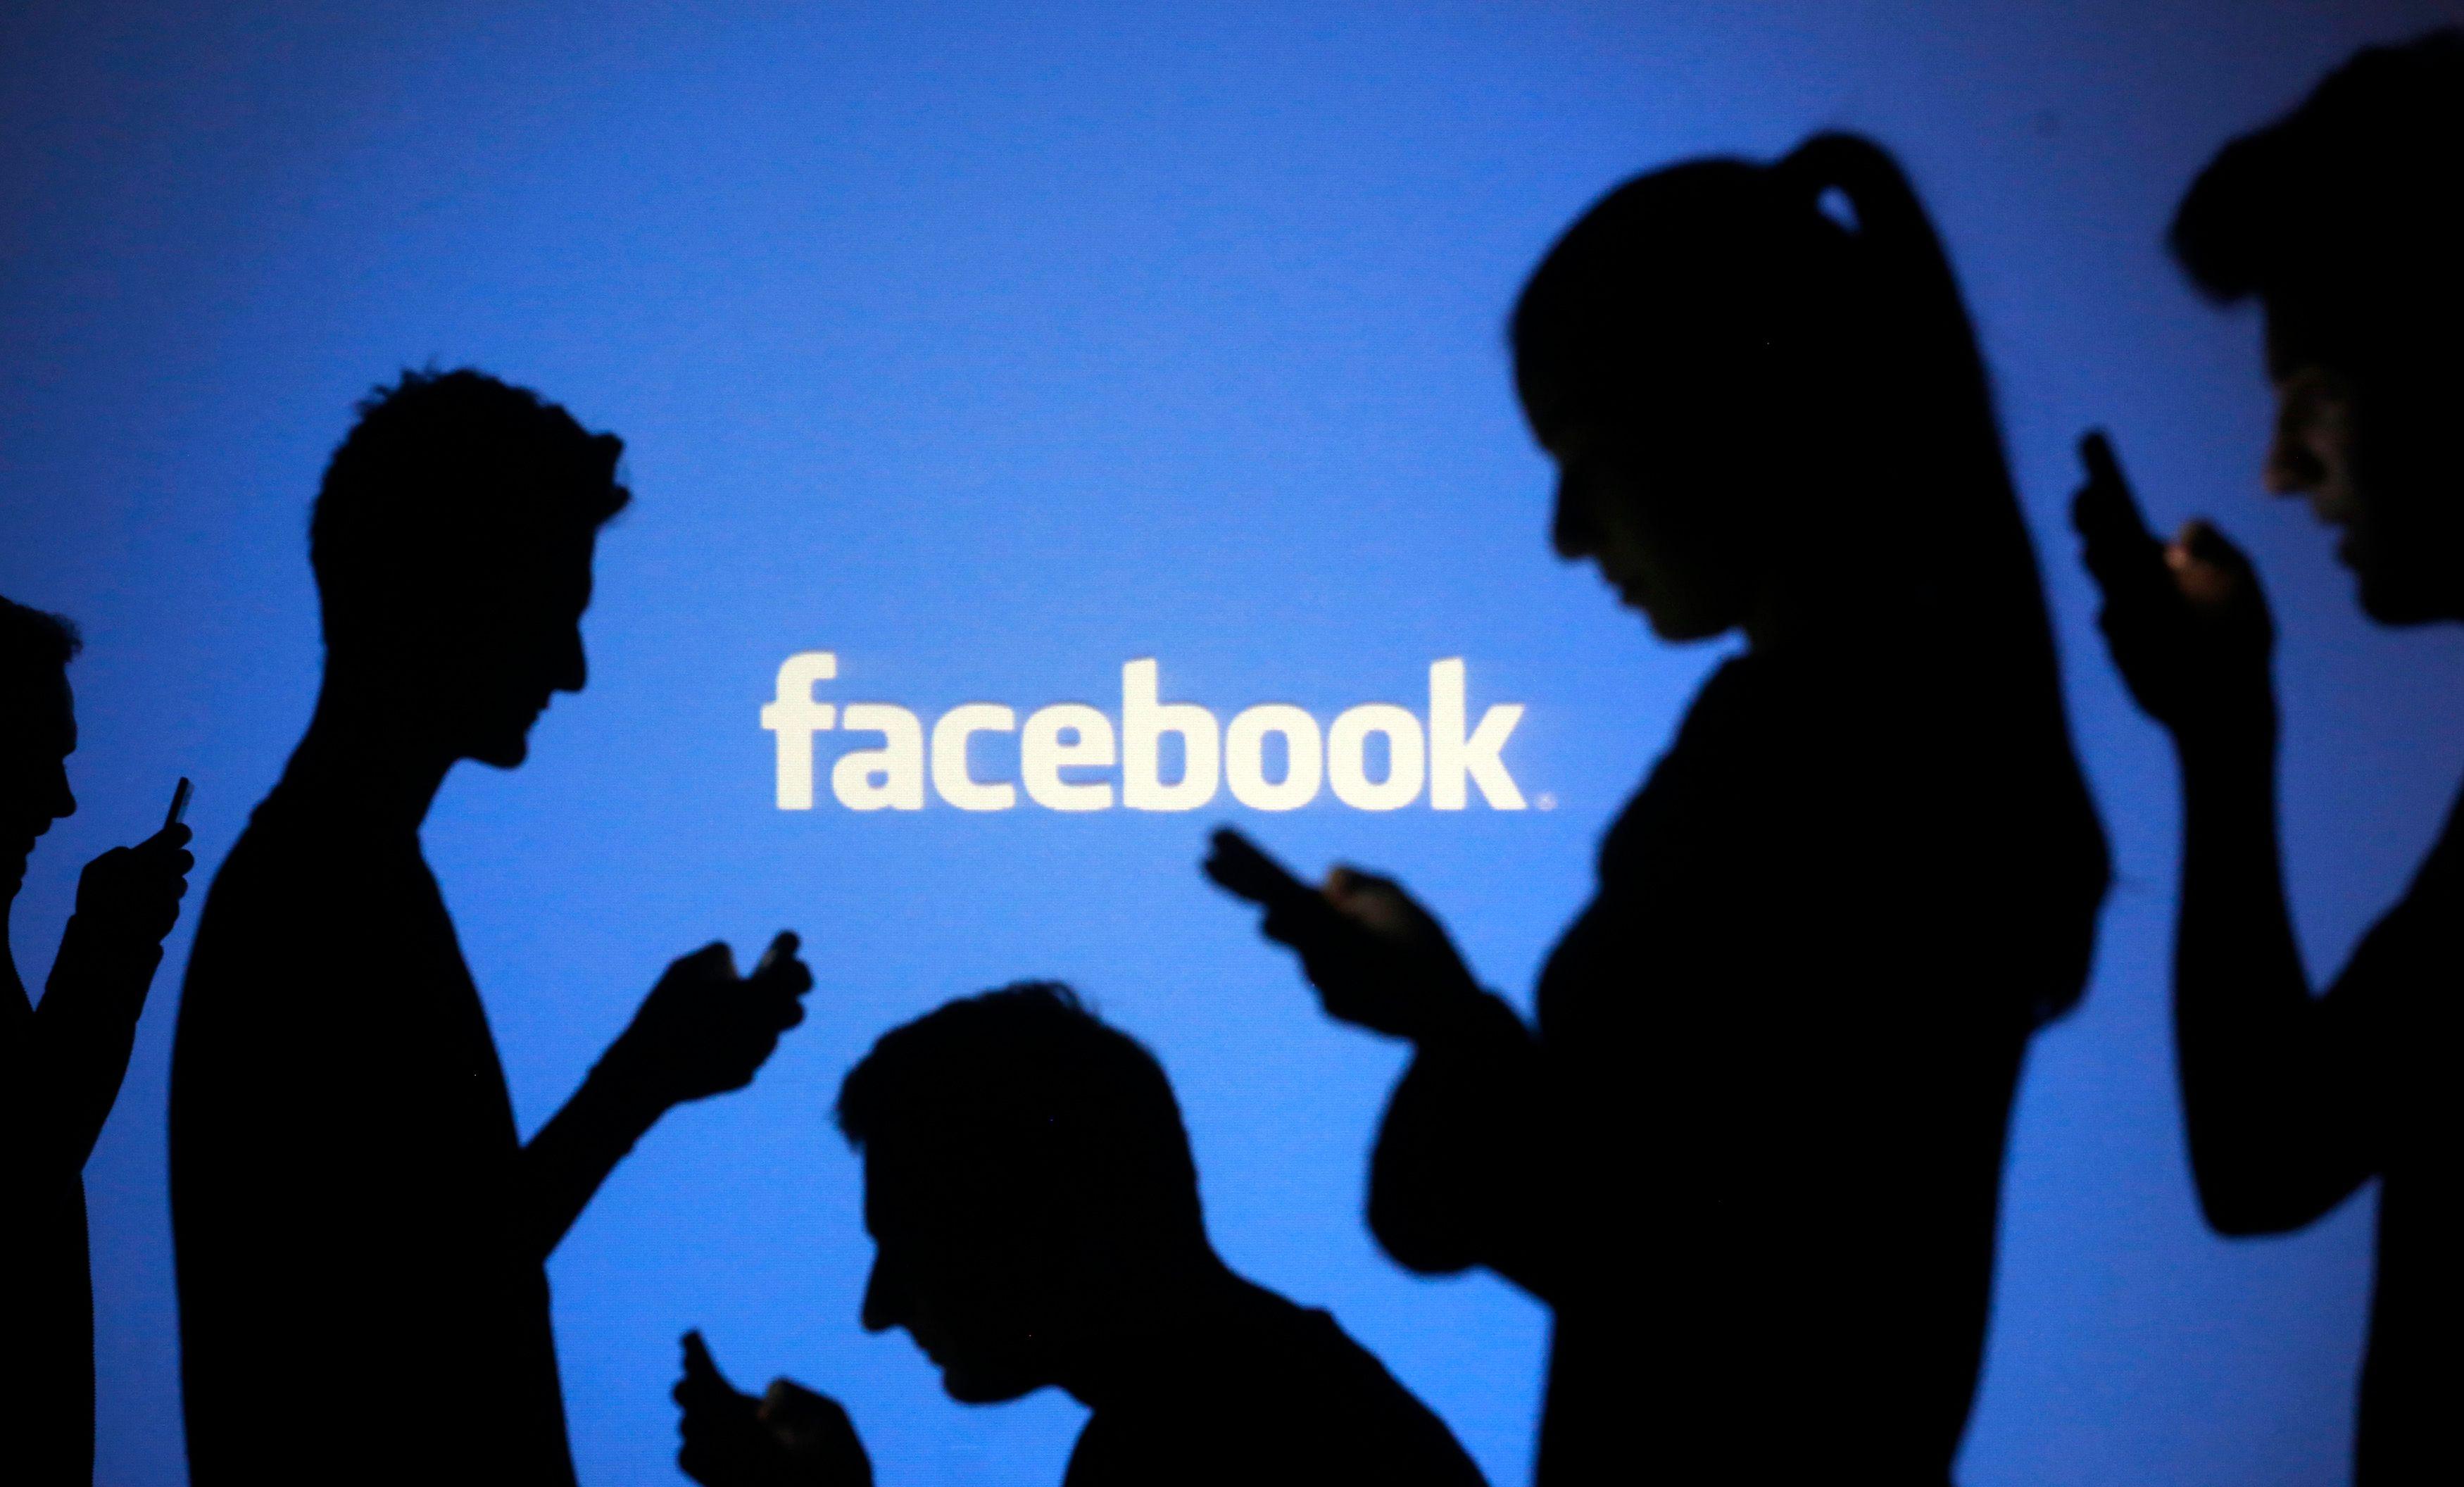 Aux Etats-Unis, il est désormais possible de divorcer par Facebook.